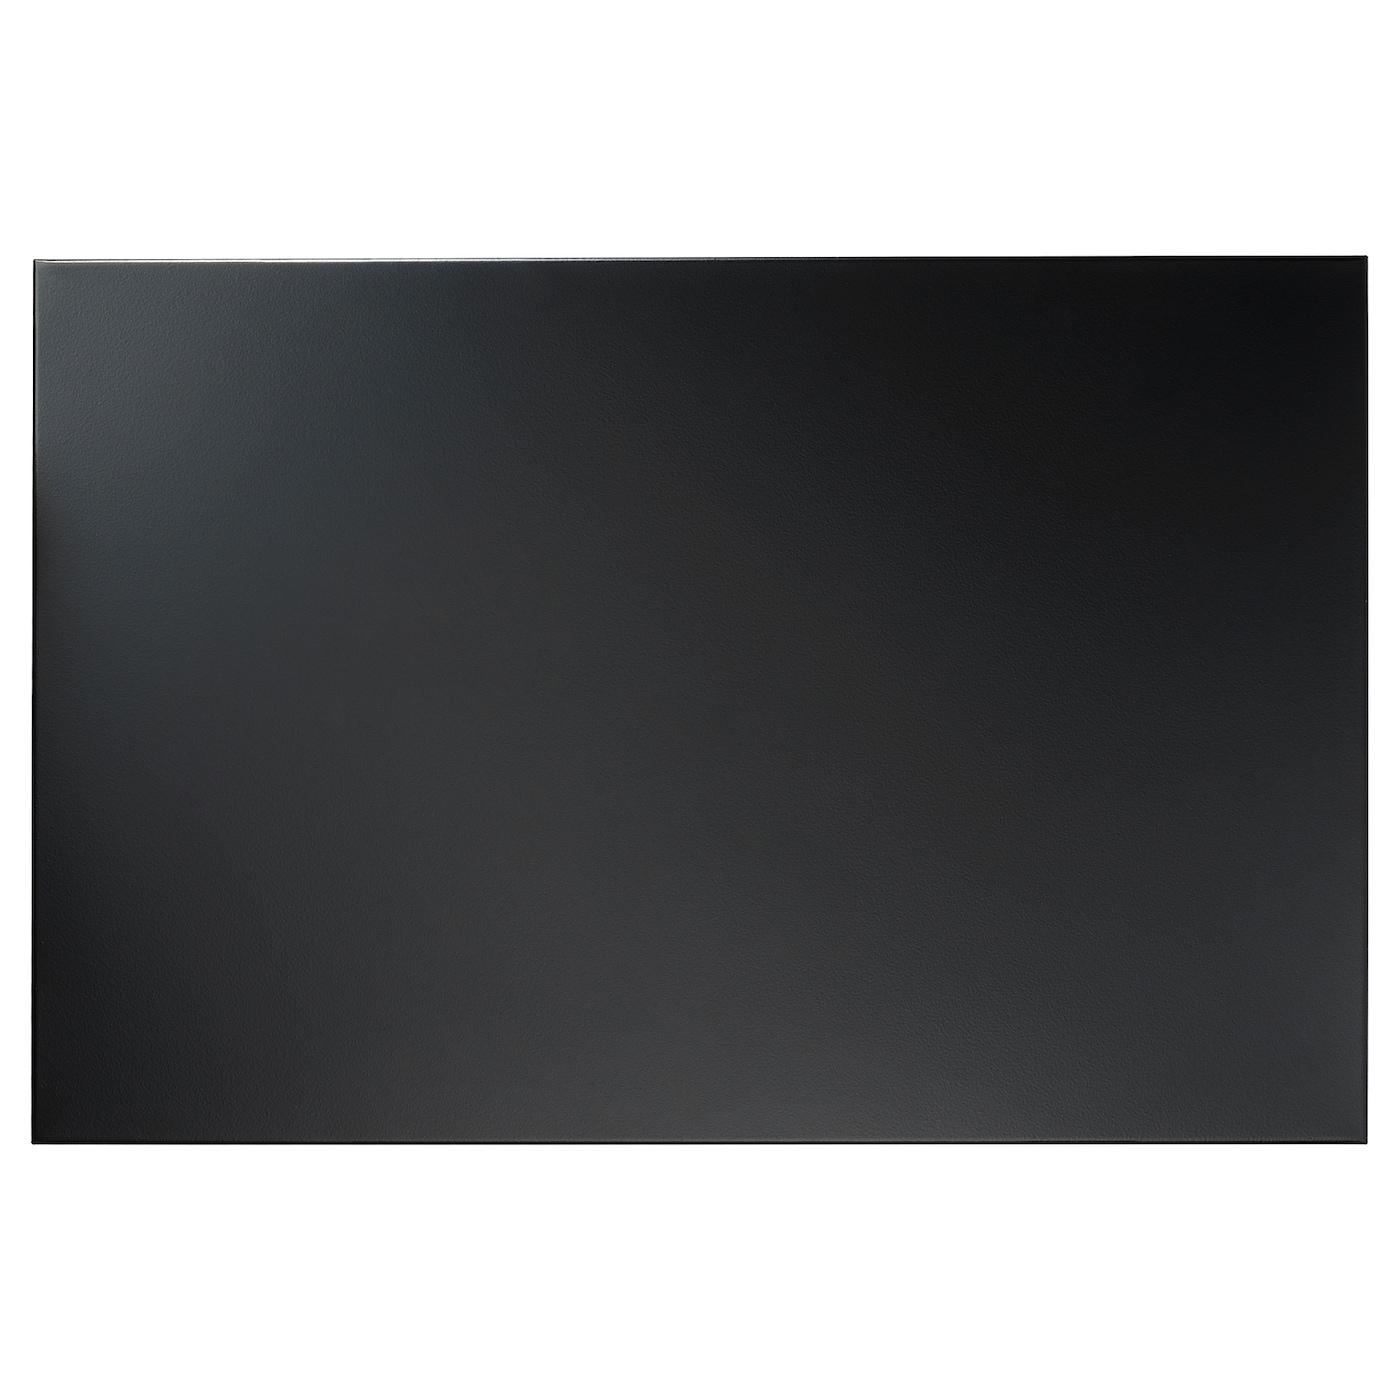 /étiquette de prix IMIKEYA Panneau de tableau en bois mini panneaux de tableau noir plus /épais tableau de m/émo 1pcs 22 x 15CM Black base en bois recto-verso panneau daffichage de message